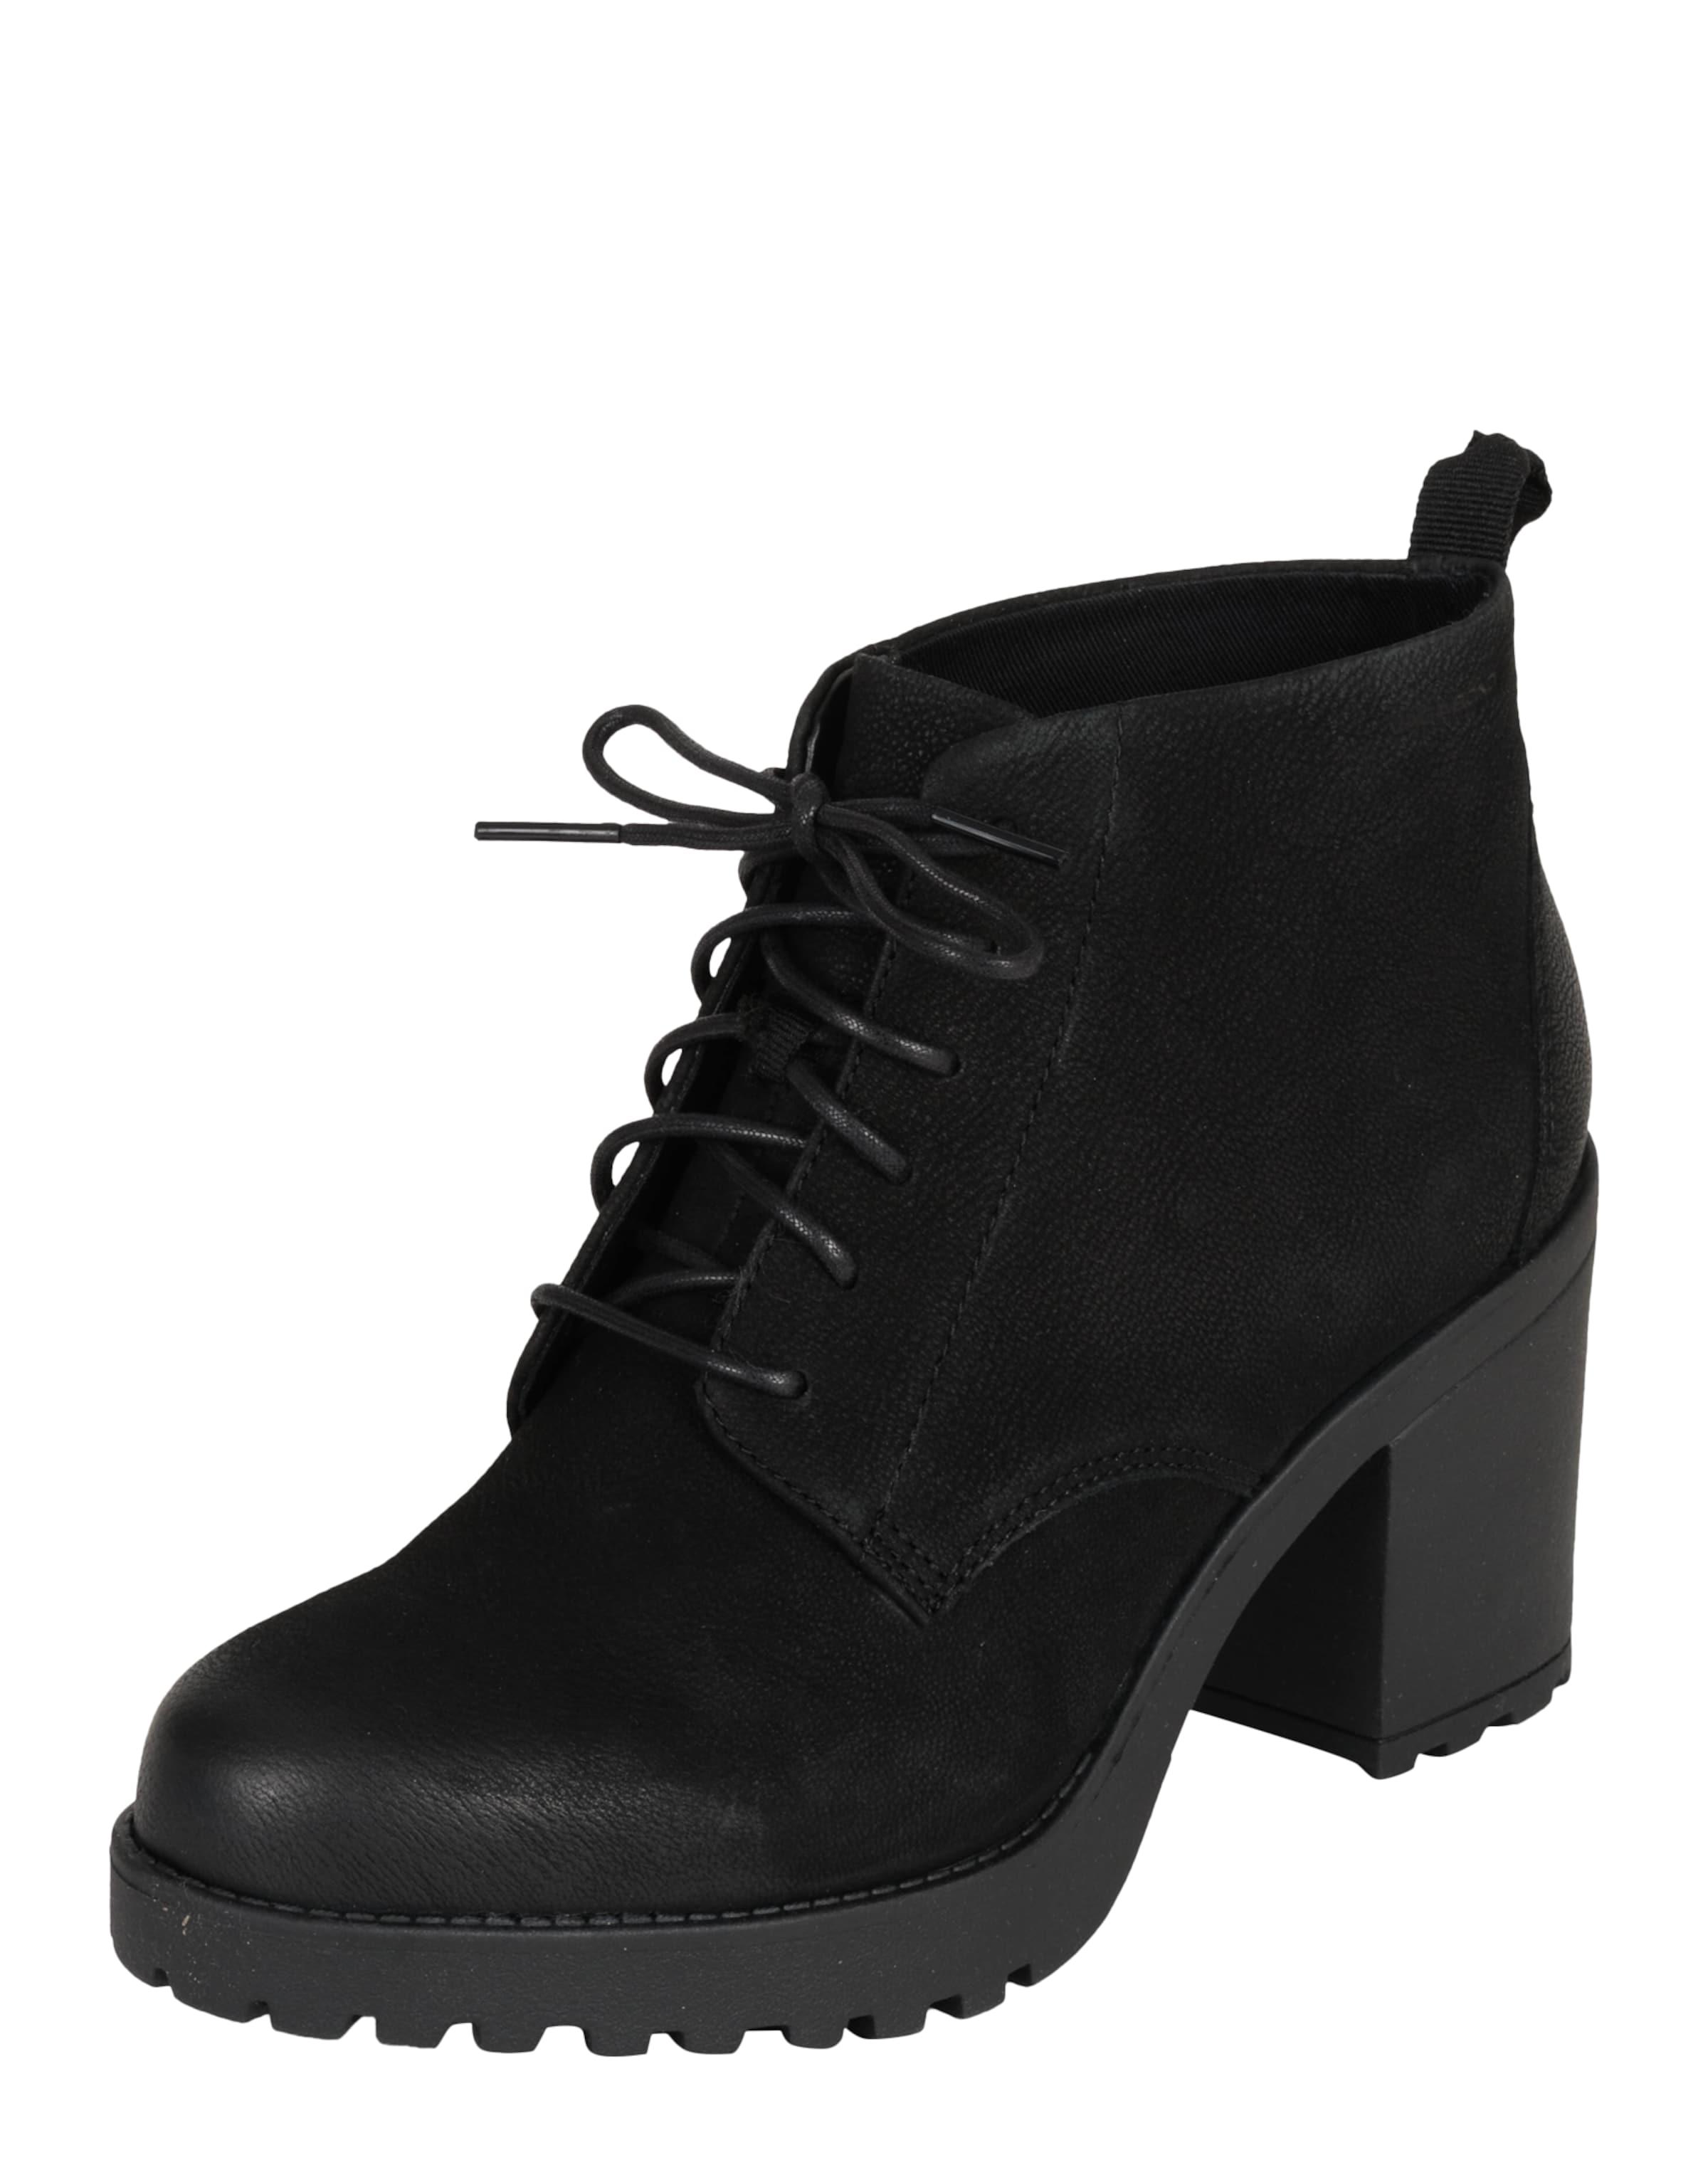 Bottines 'grace' Noir À Lacets Vagabond En Shoemakers K1J3cFlT